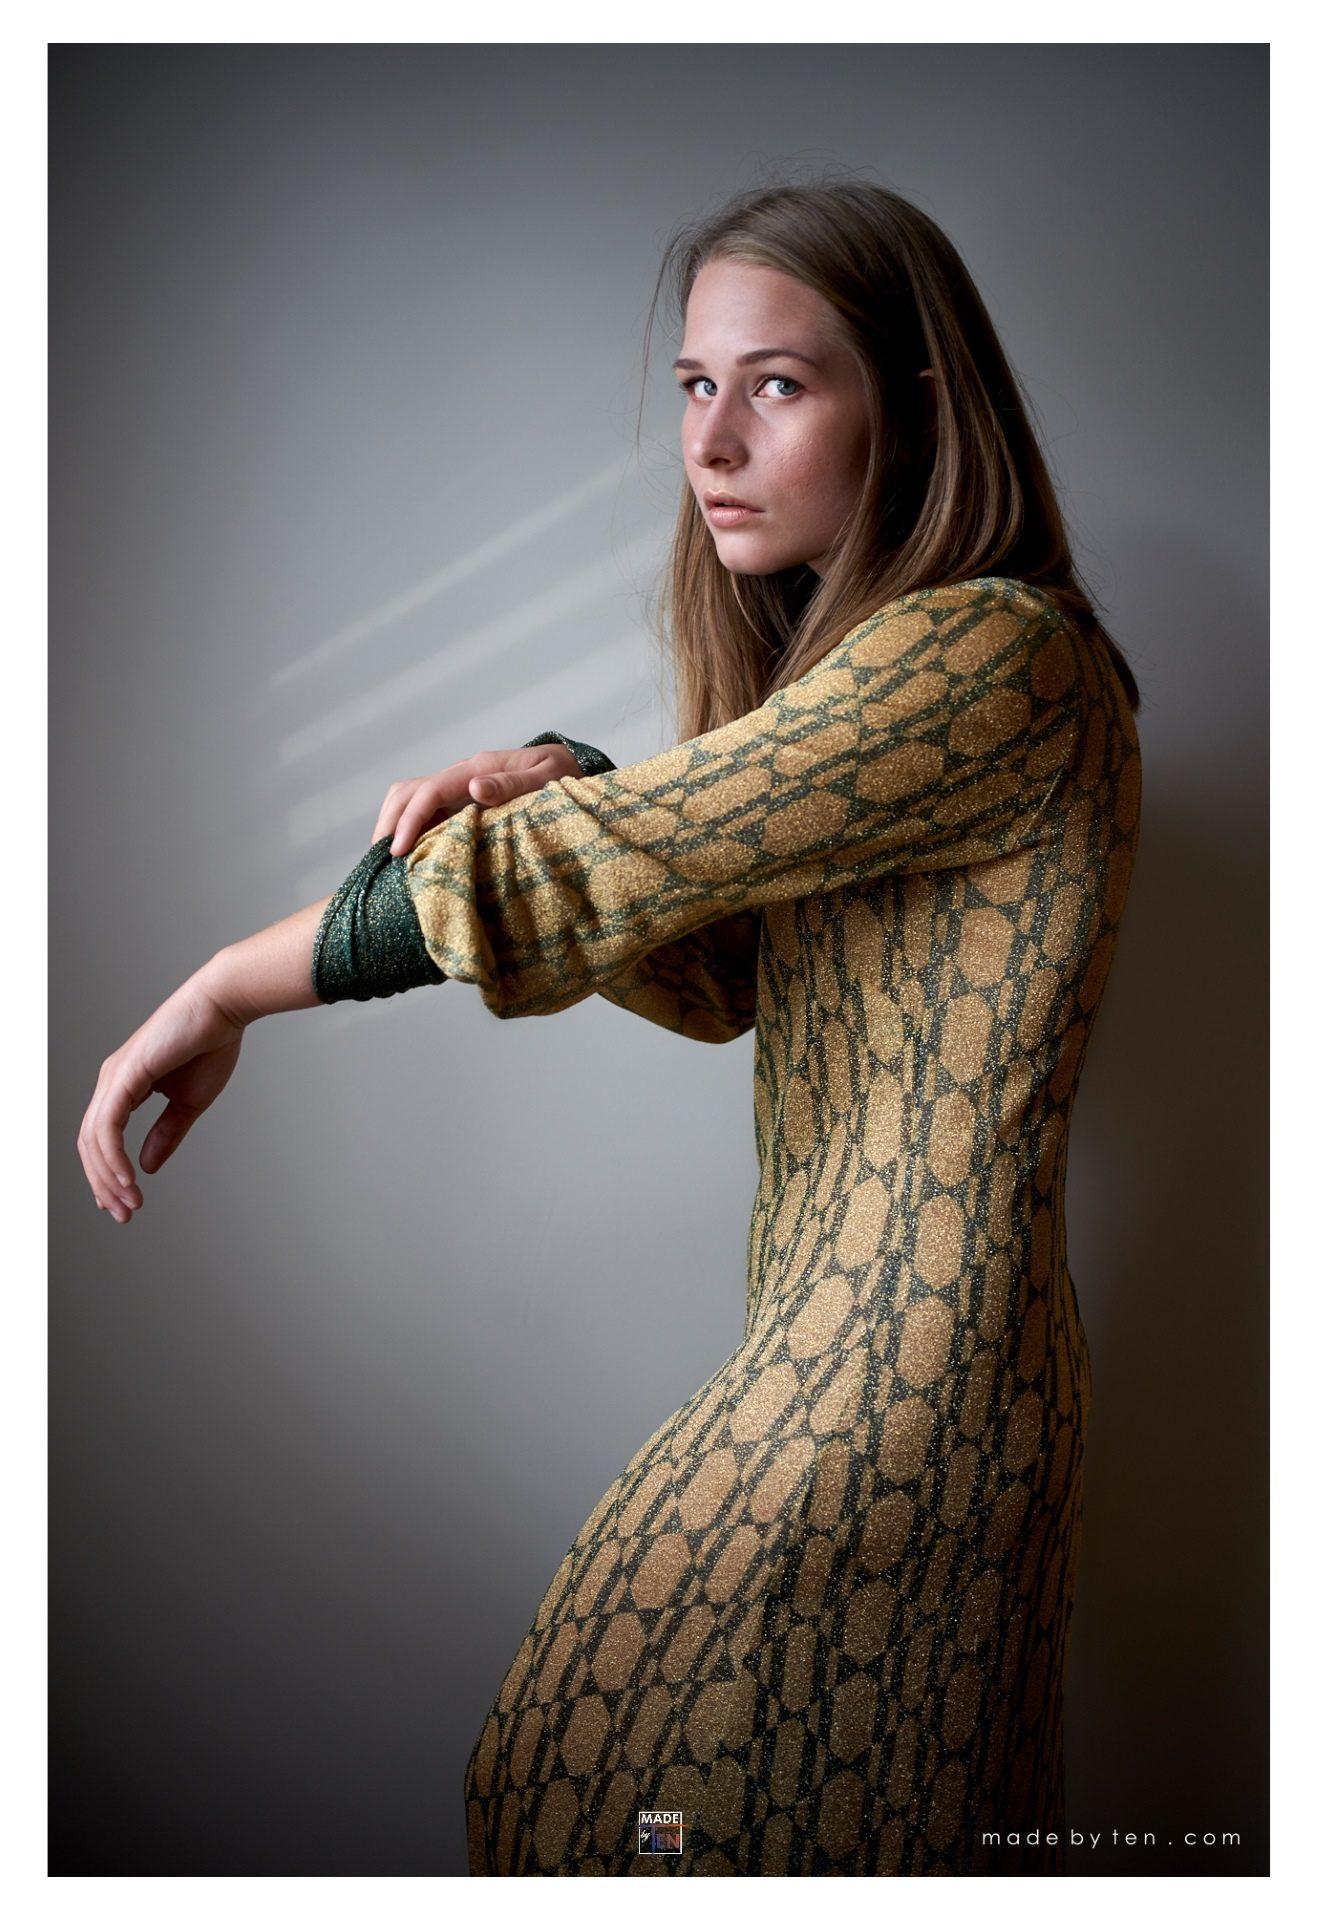 Art - GTA Women Art Photography